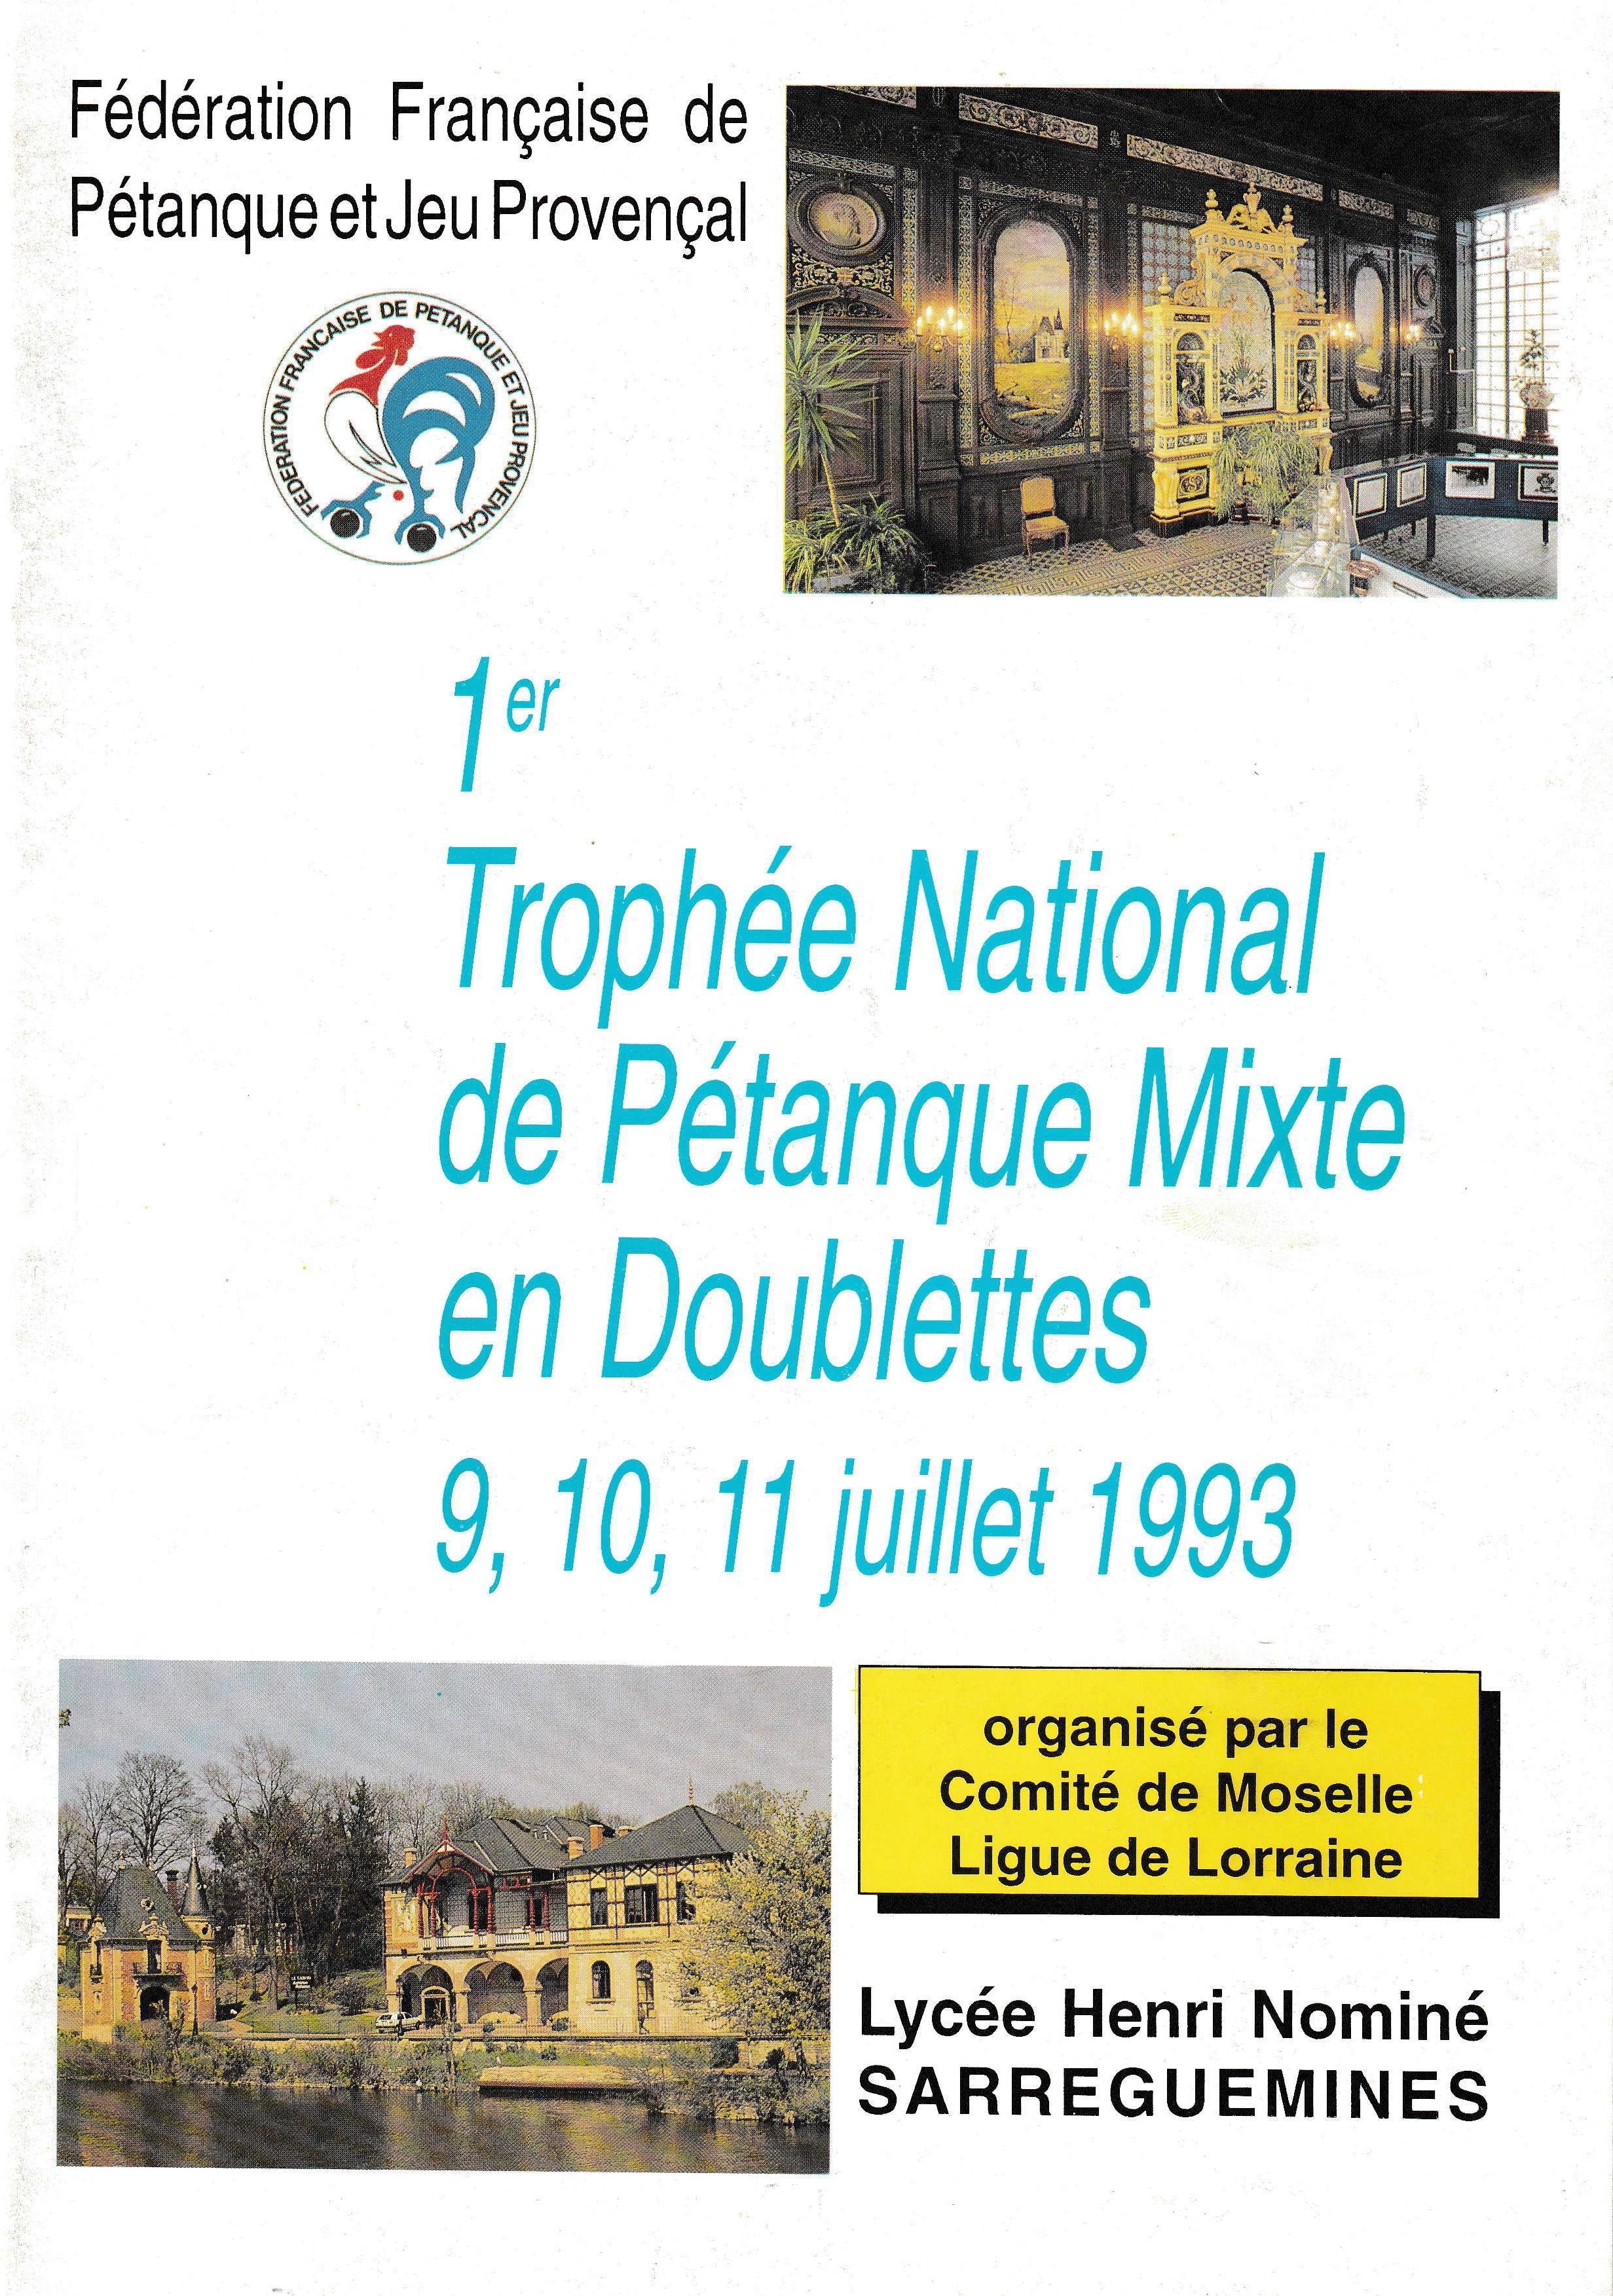 Tous les joueurs et joueuses qualifiés au Championnat de France mixte doublettes de 1993 à 2017